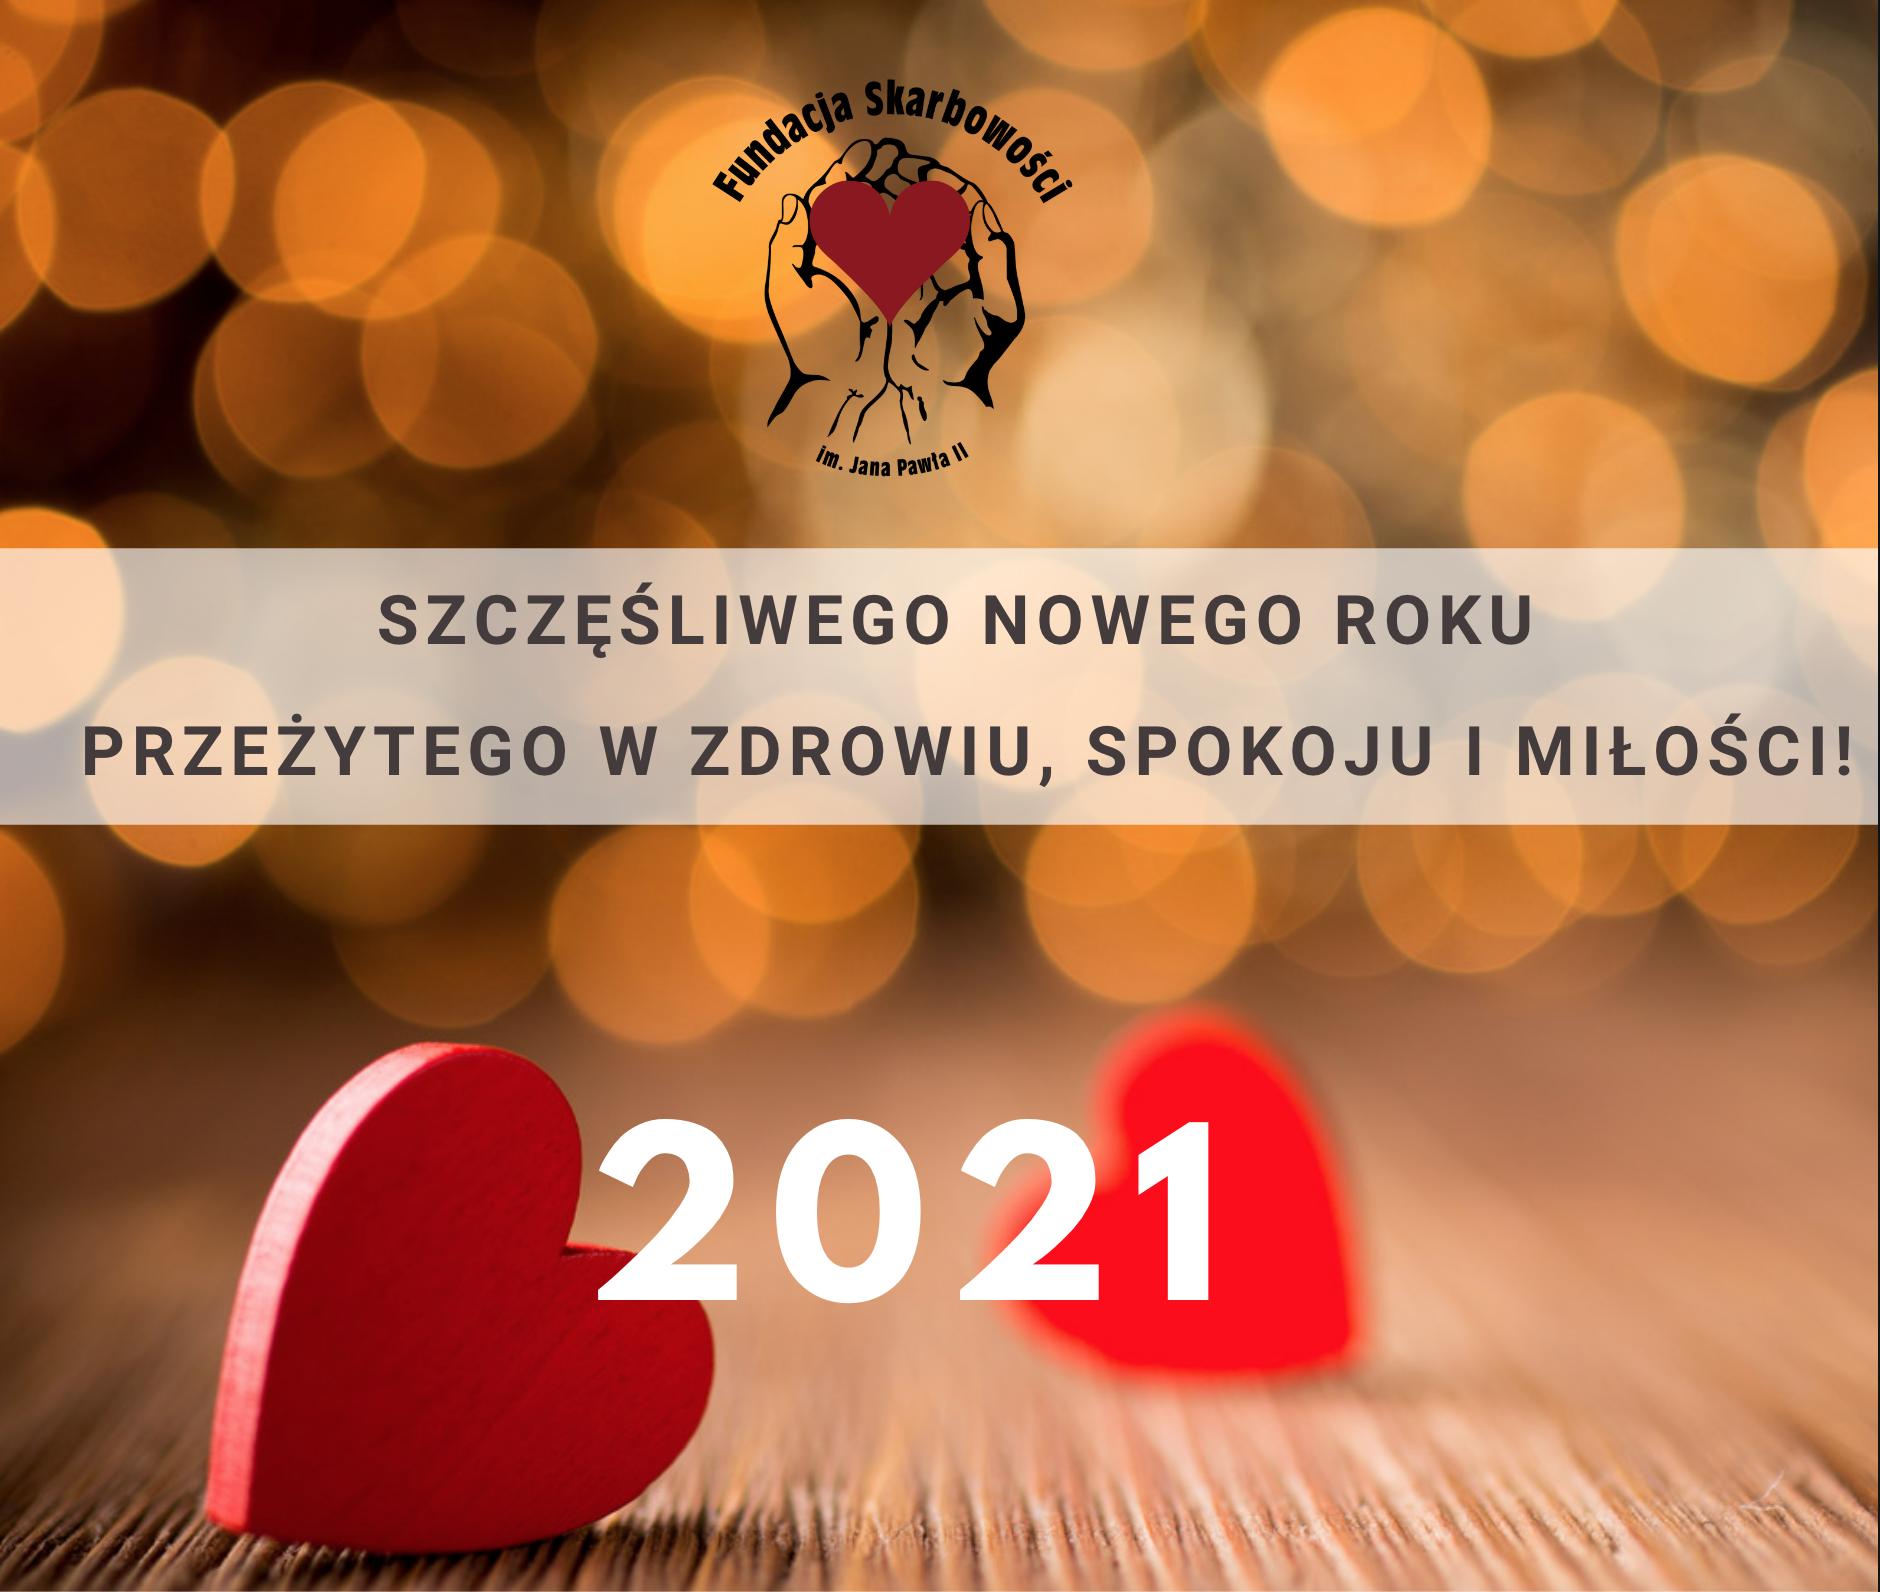 Życzymy dobrego, przeżytego w zdrowiu i spokoju Nowego 2021 roku!